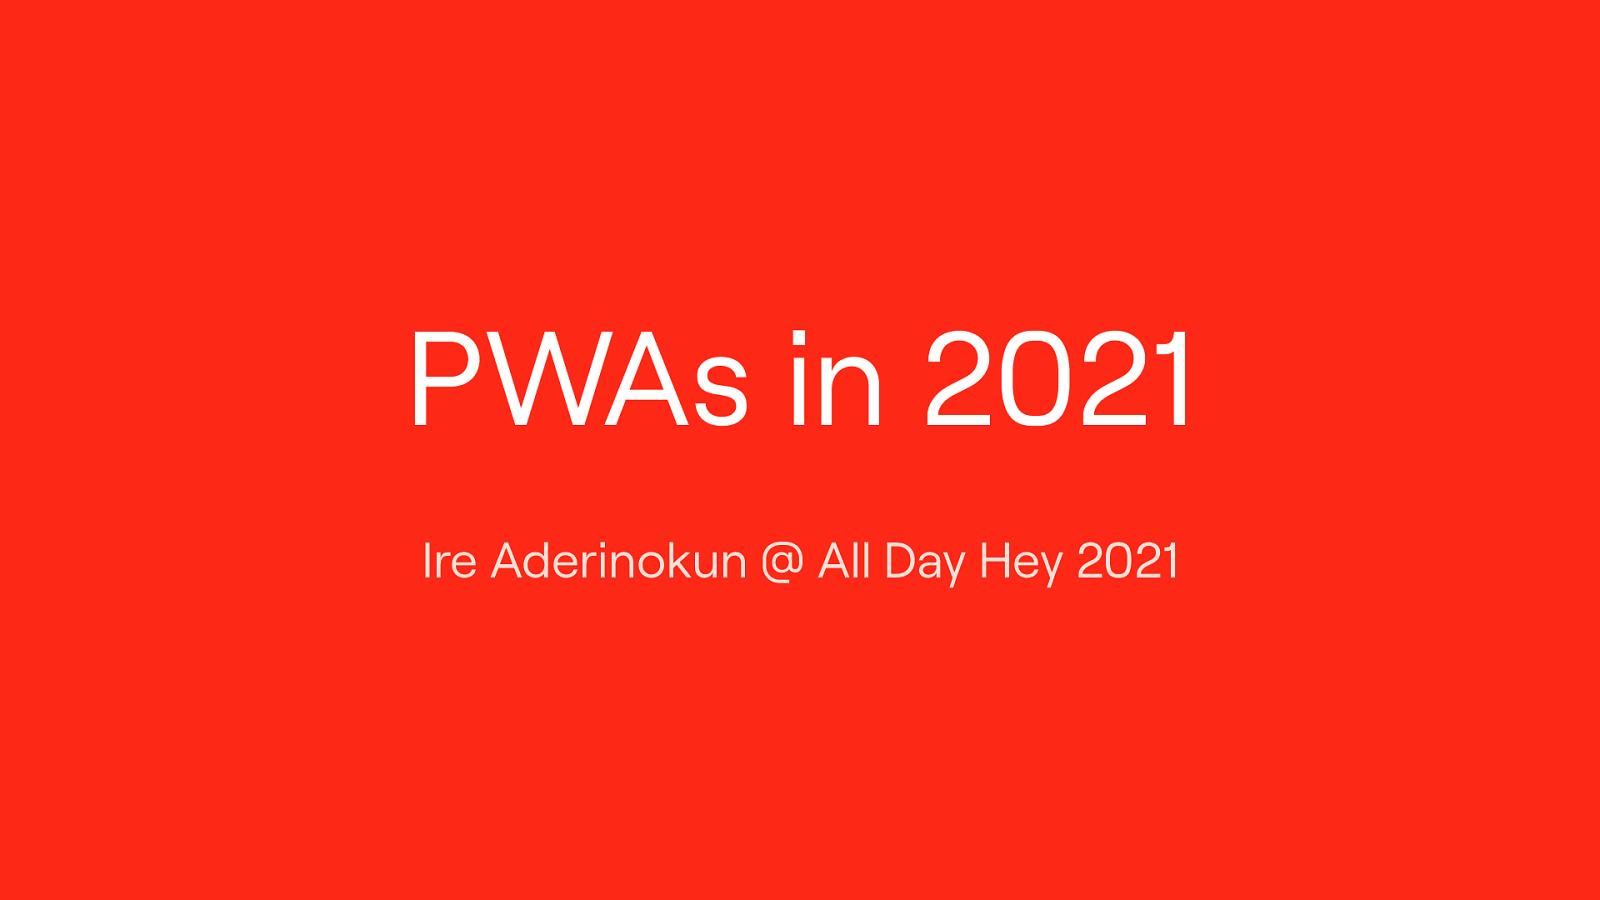 PWAs in 2021